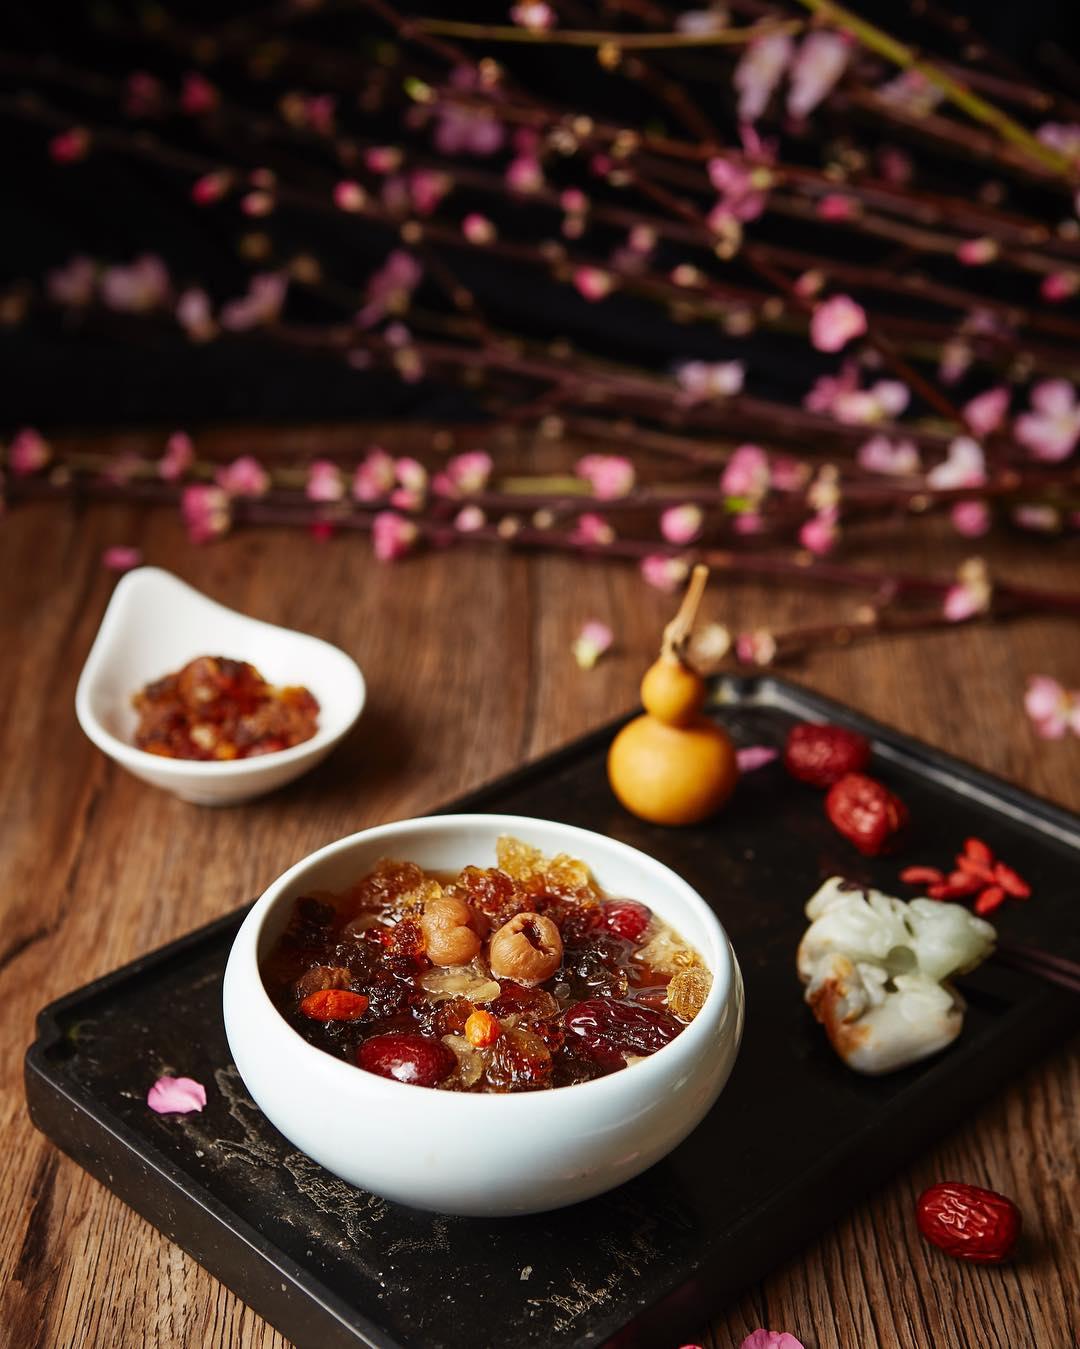 巴黎中式甜品店糖軒的著名甜品「人面桃花」,是用台灣人不熟悉的桃膠(註6)加入紅棗、枸杞、桂圓等熬成的甜湯。(圖片來源:Instagram  @txuanparis )